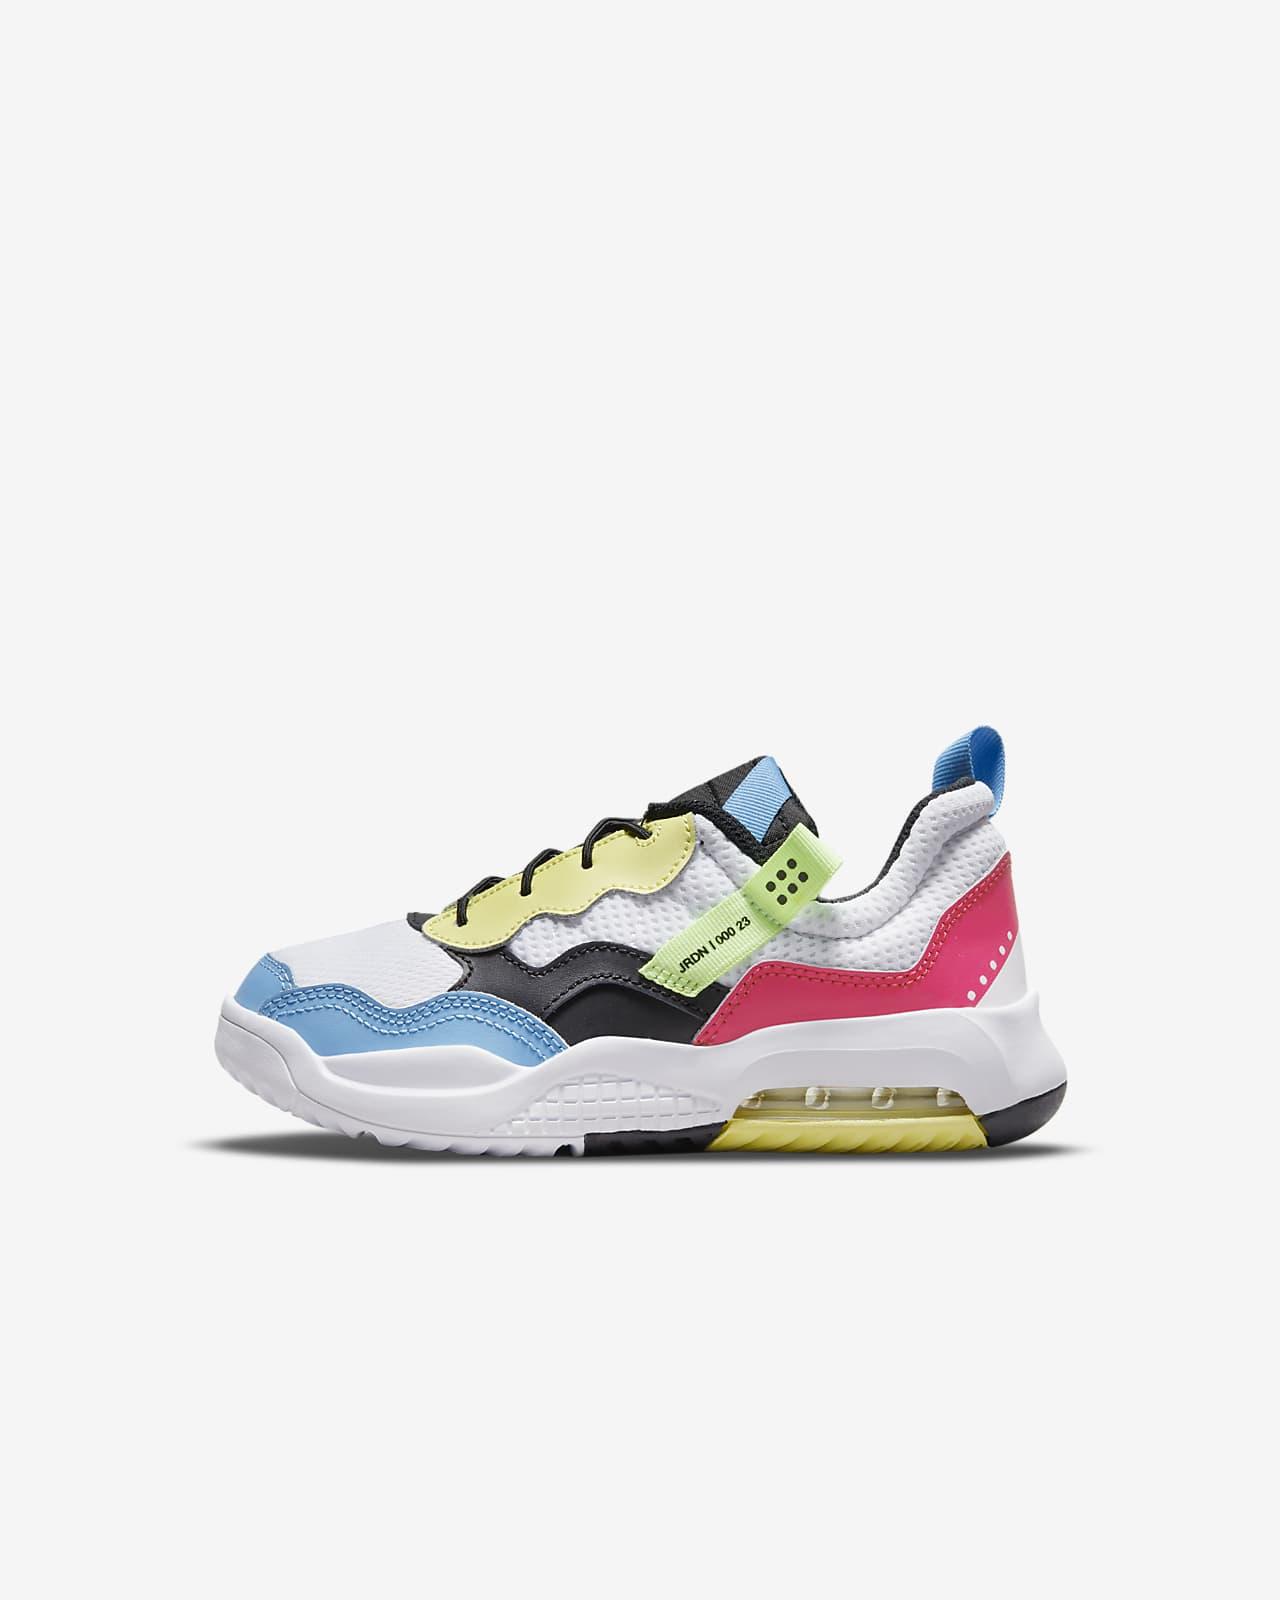 Jordan MA2 (PS) 幼童运动童鞋